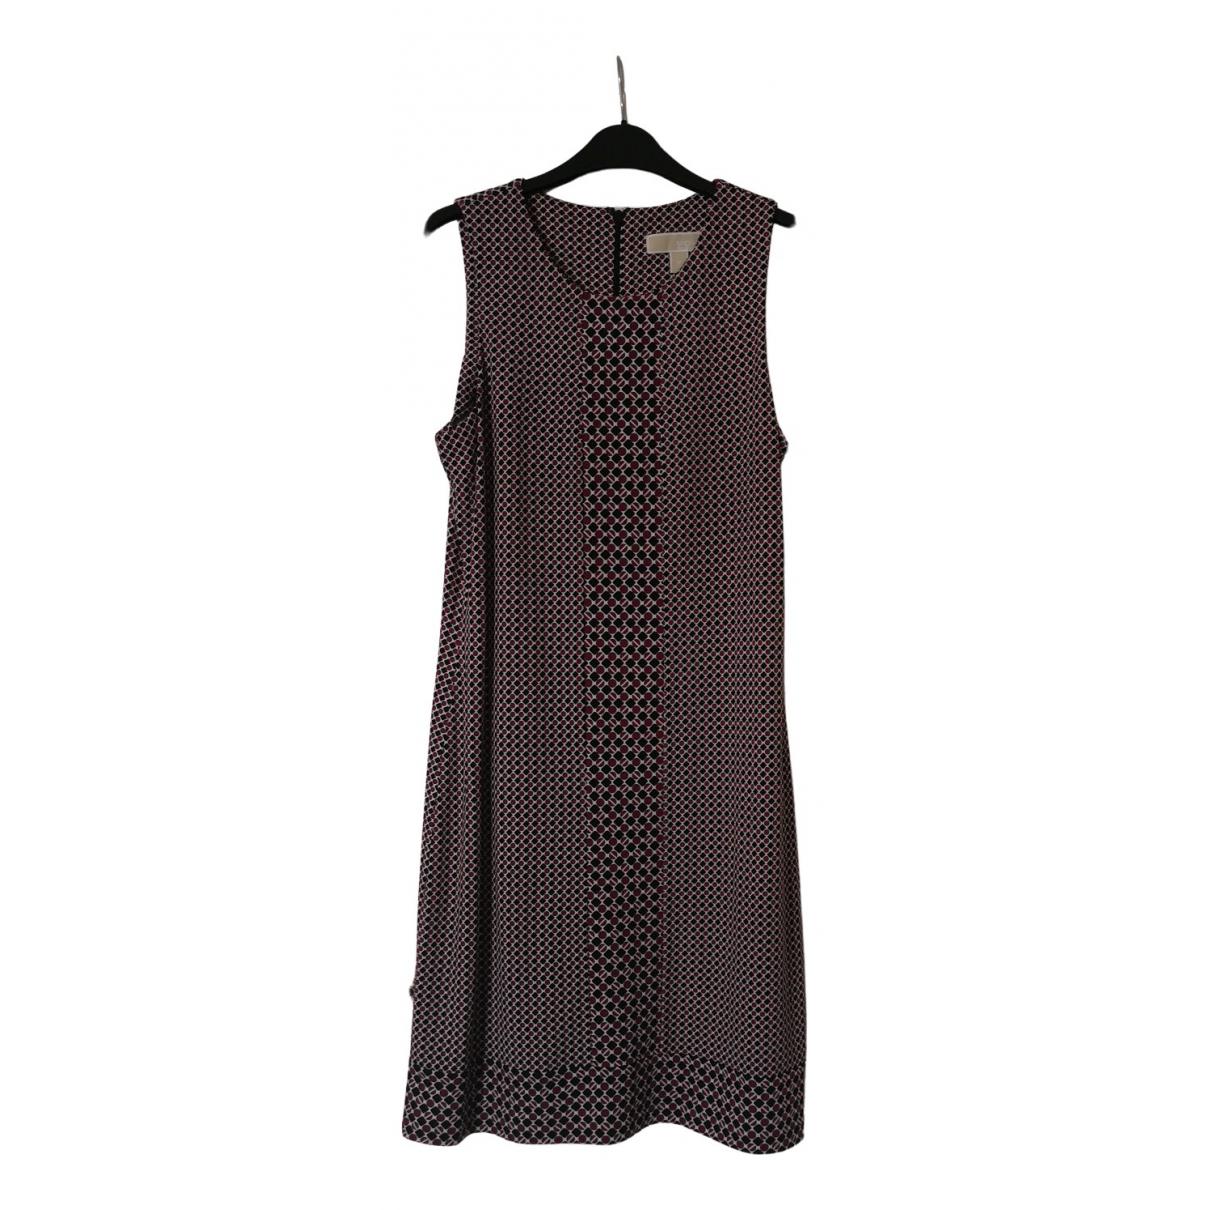 Michael Kors \N Kleid in  Bunt Polyester